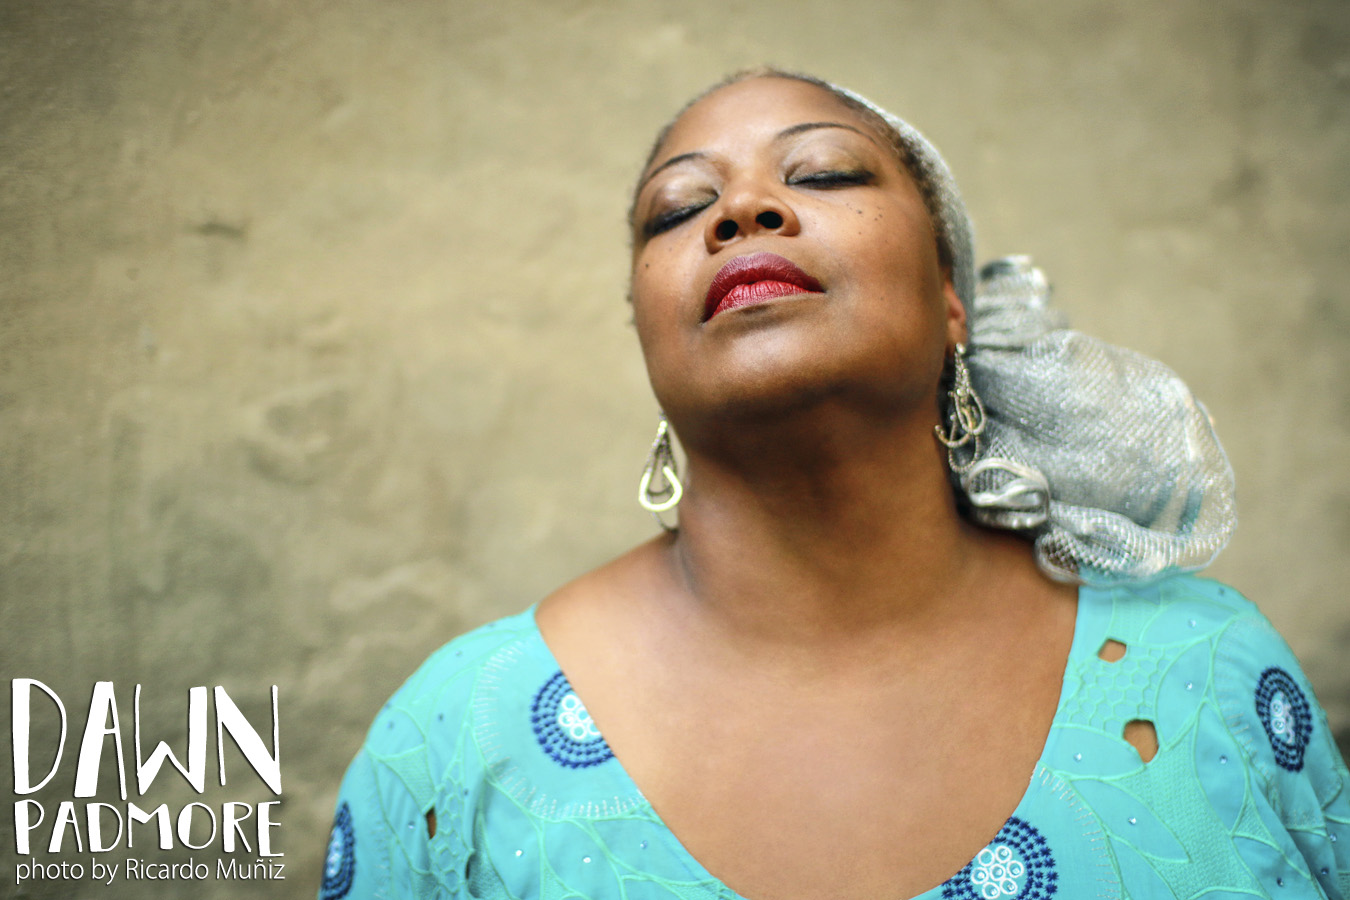 Dawn Padmore, Liberian opera singer